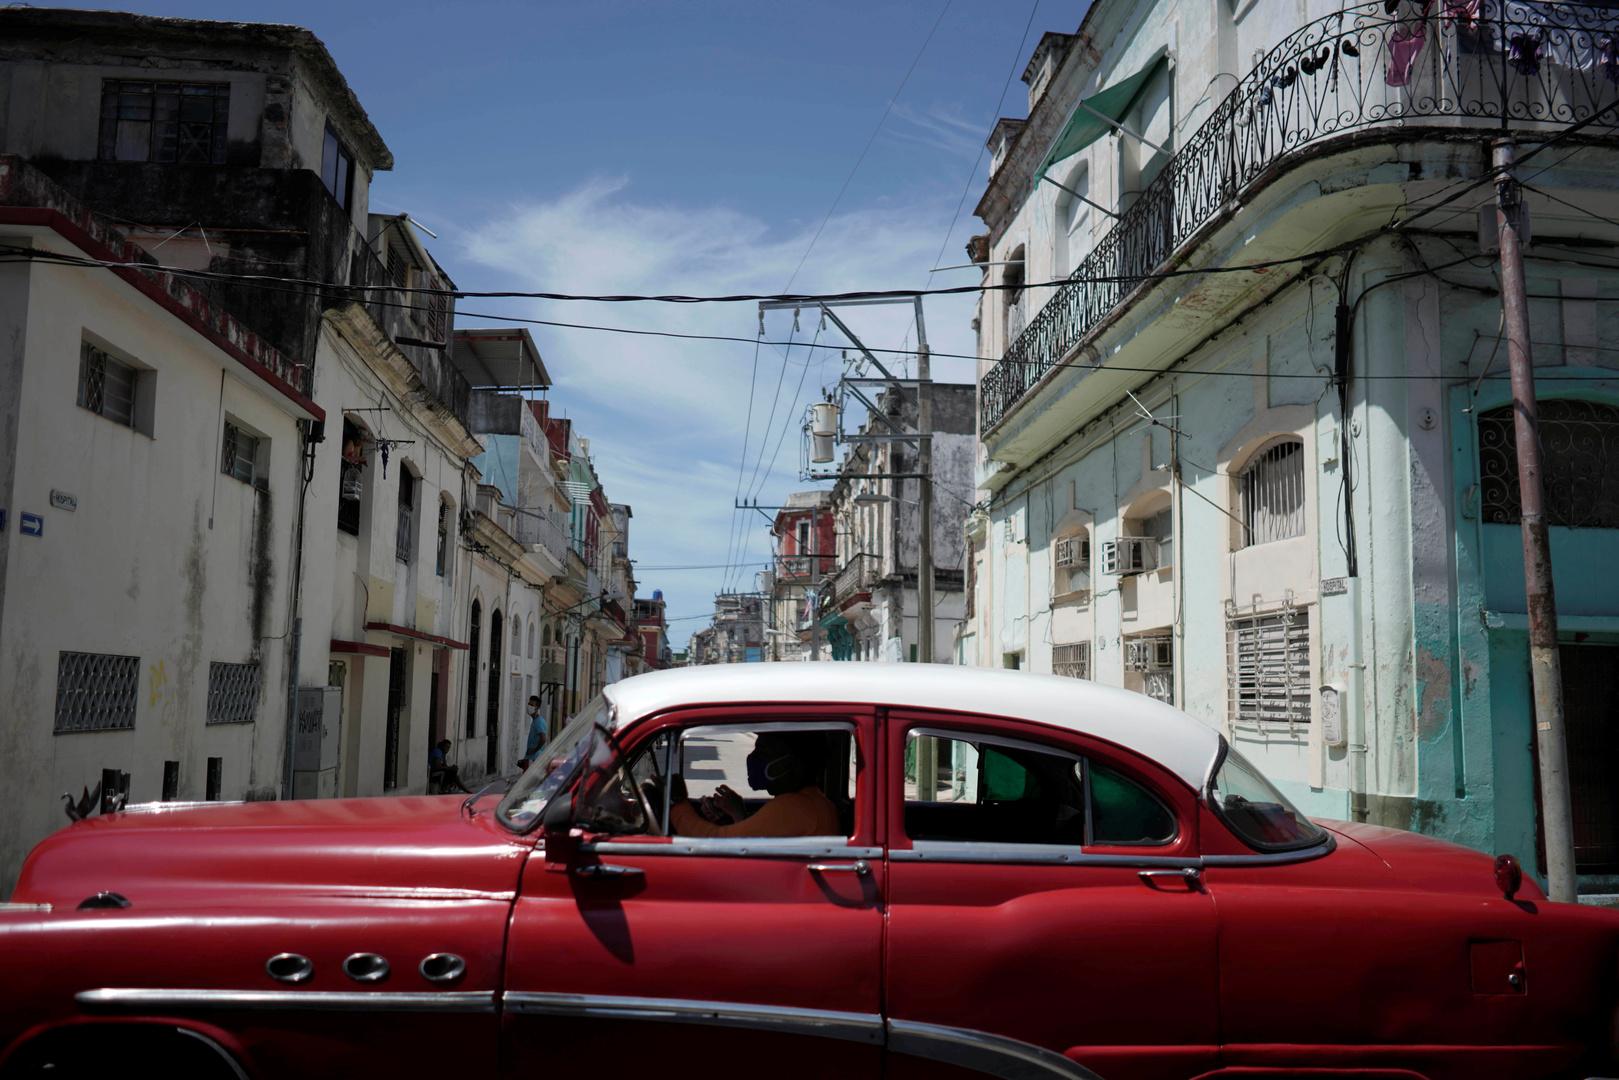 بعد 3 أسابيع من تسجيل صفر إصابات بكورونا.. كوبا تعود لقيود عزل صارمة